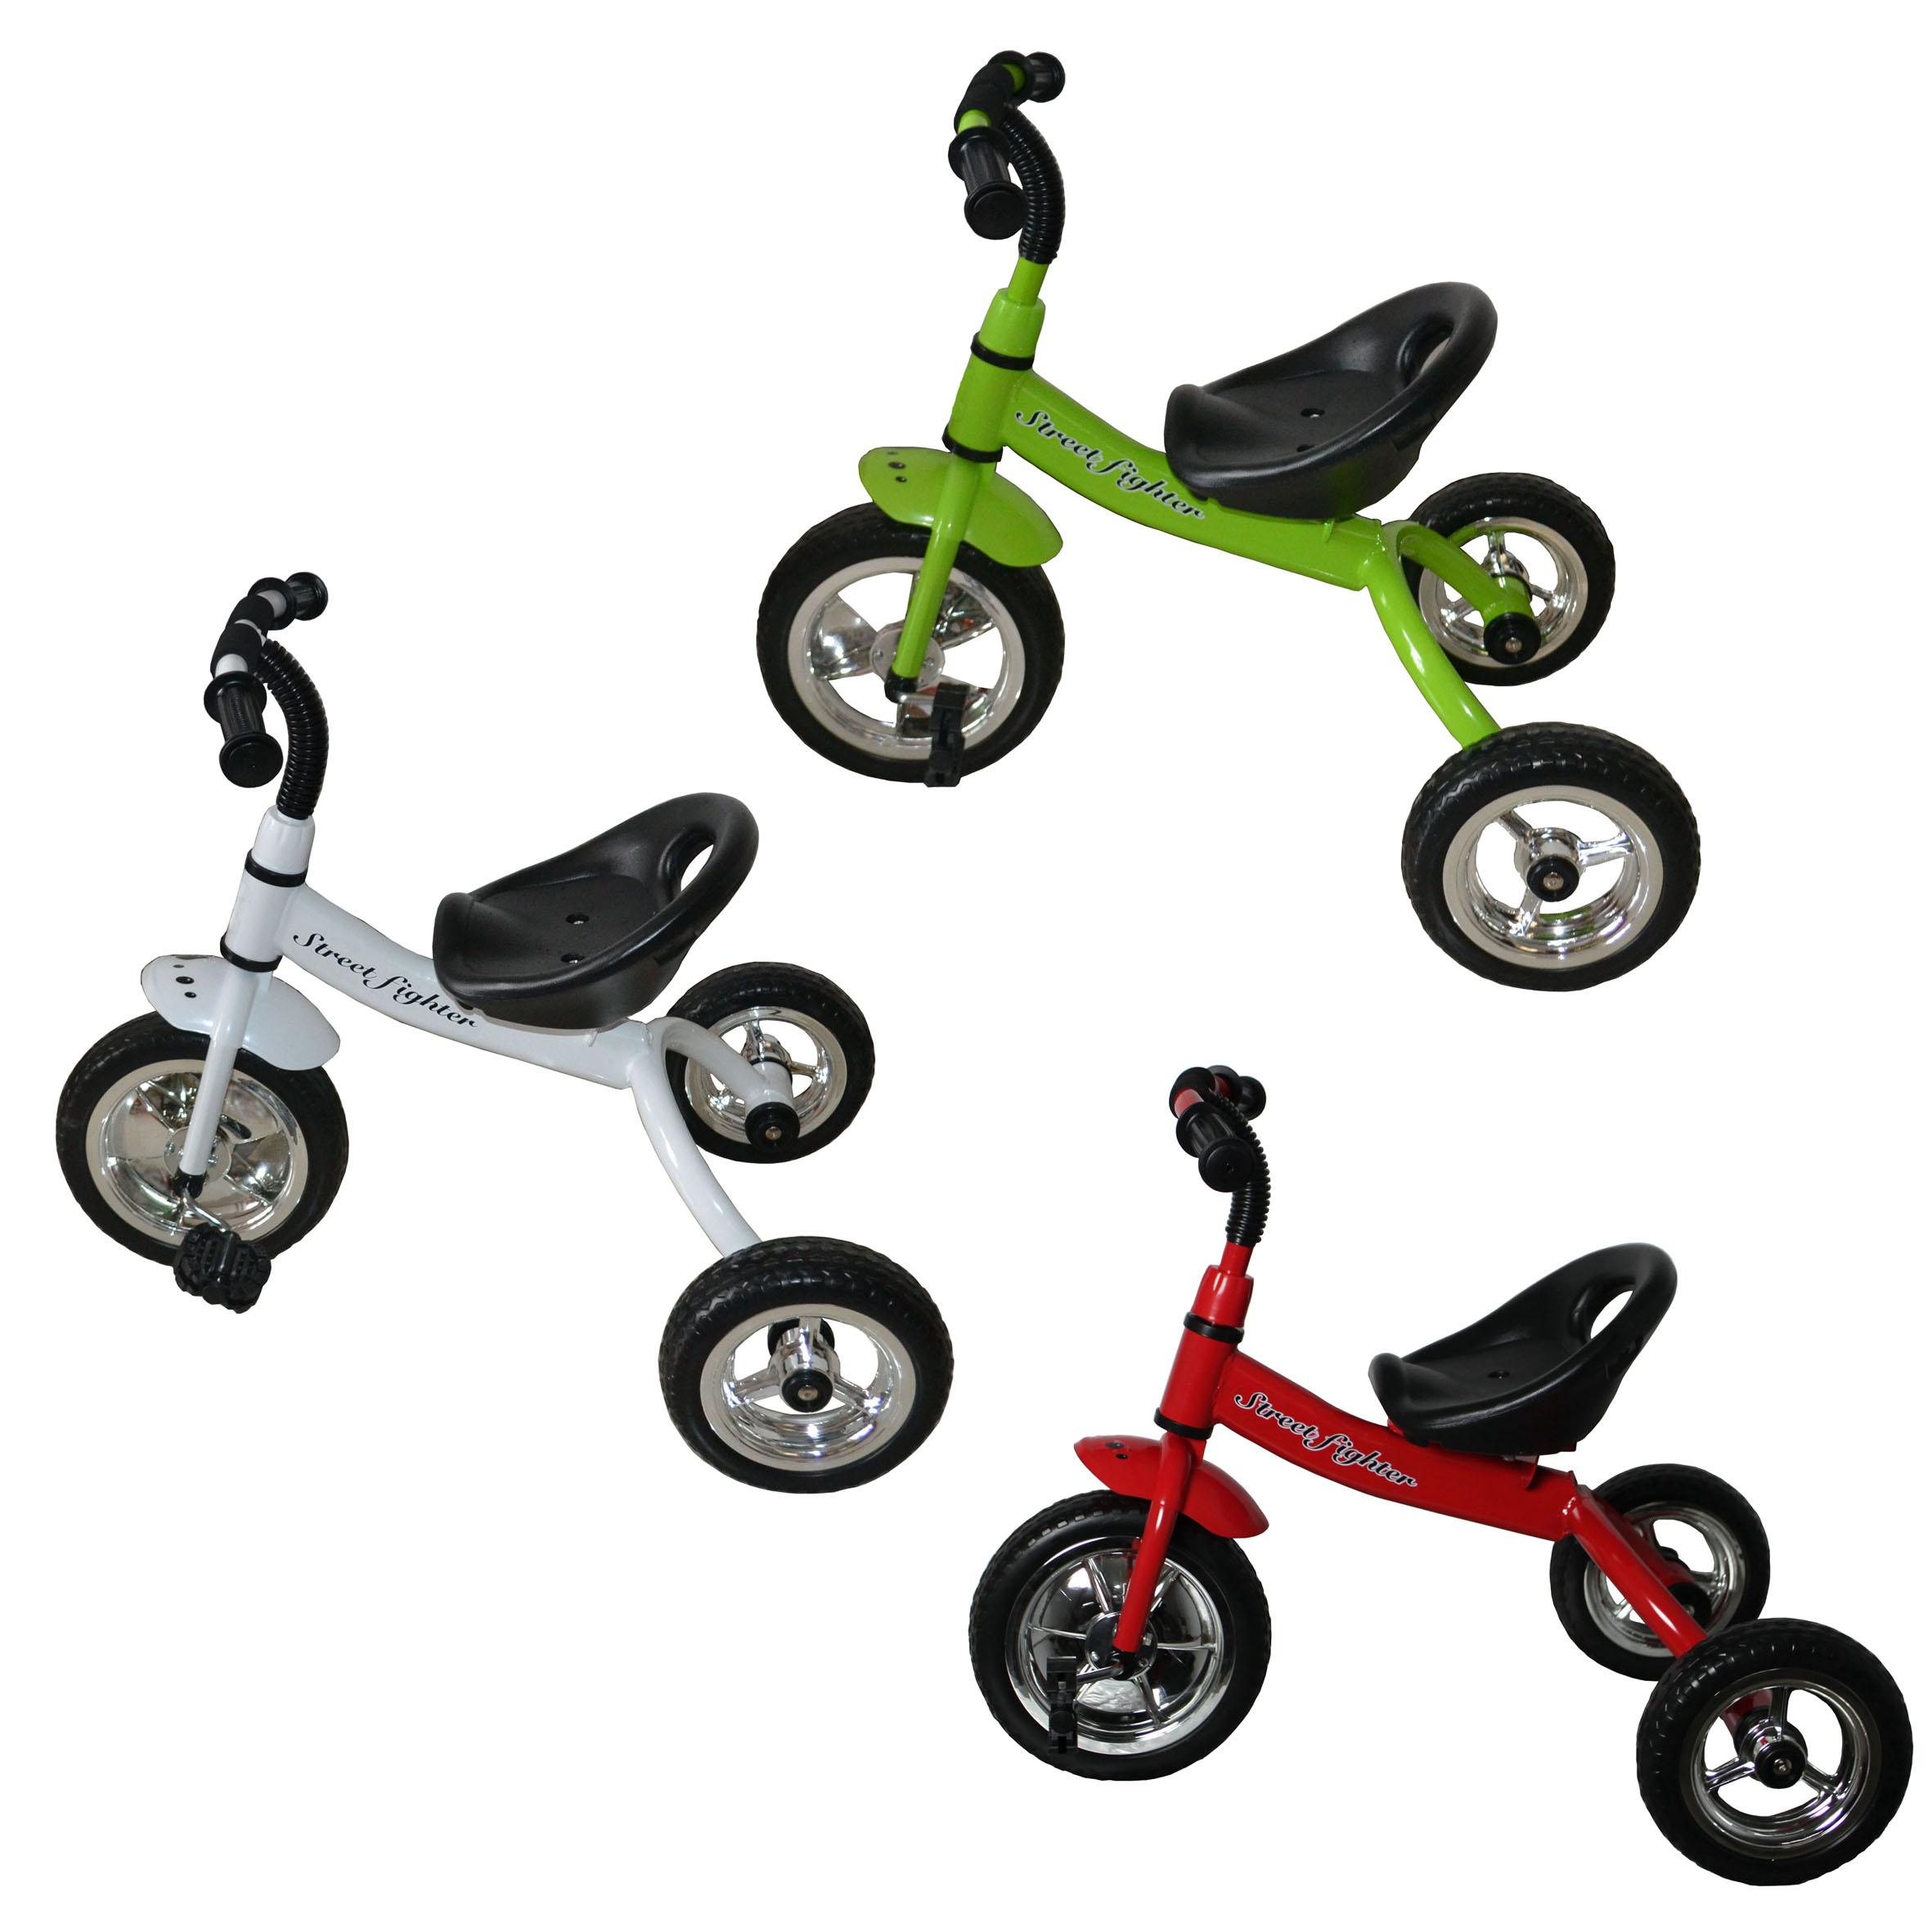 foxhunter child children kids trike tricycle 3 wheeler